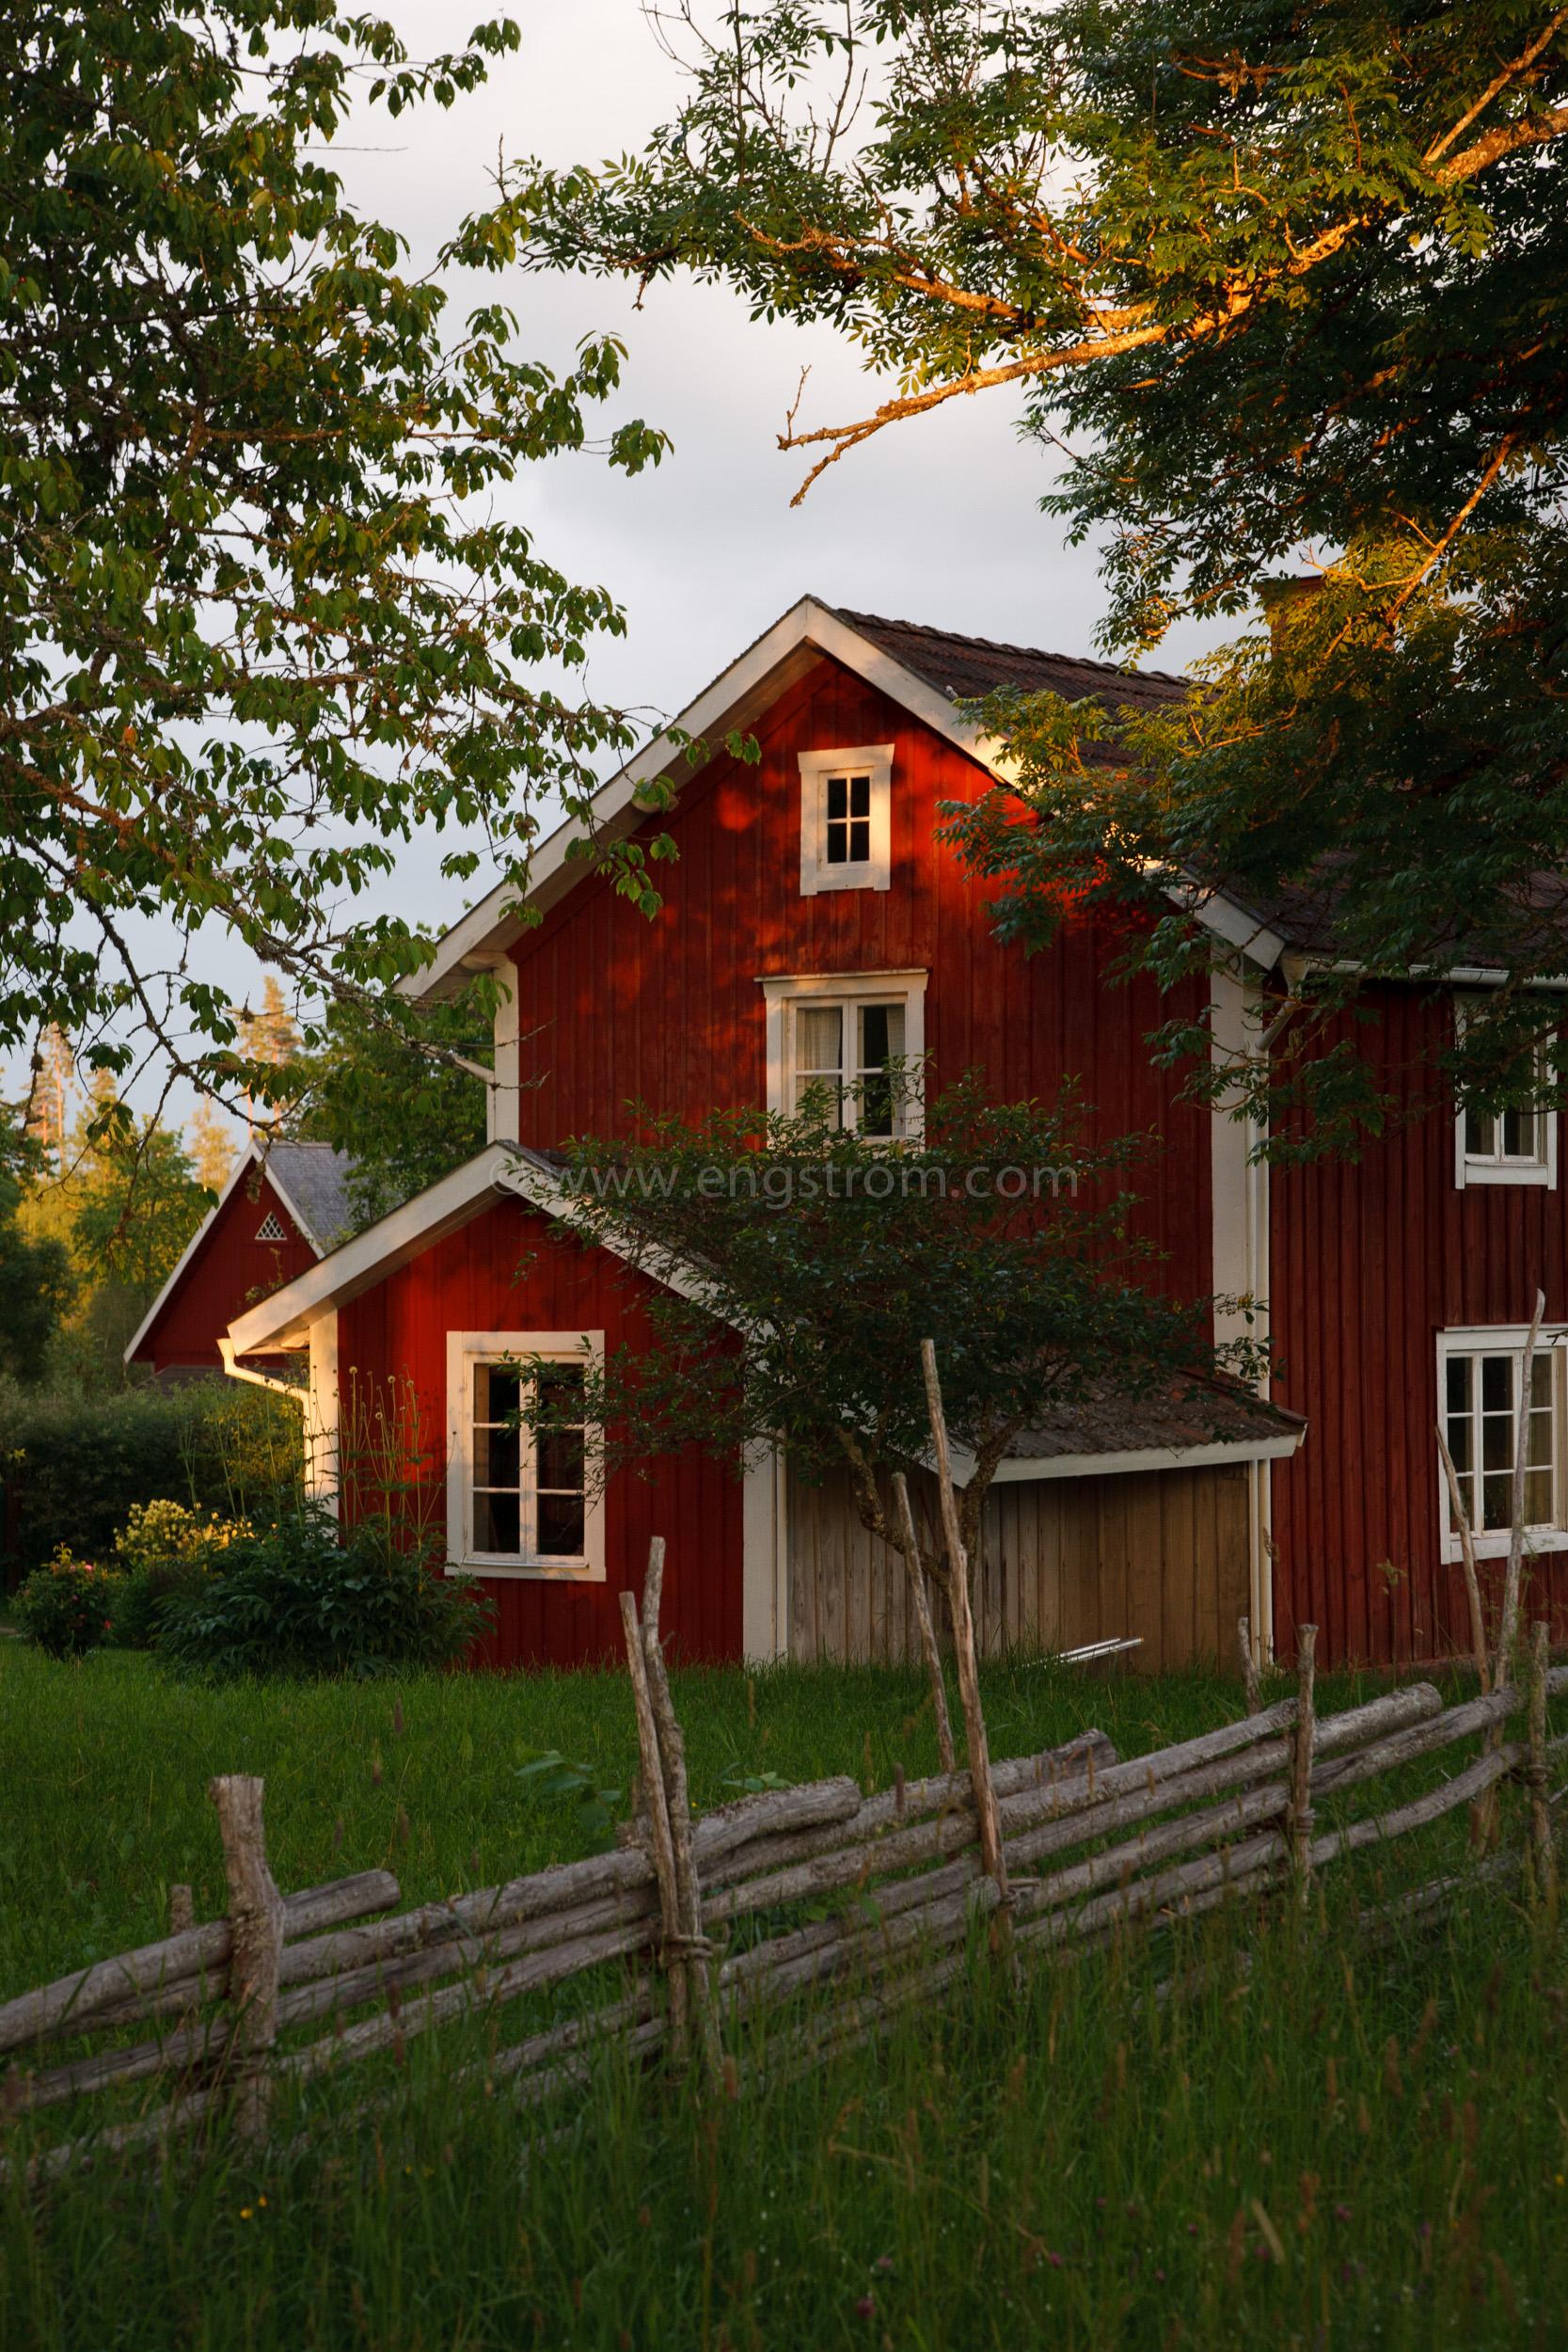 JE_20110707-202006, Rött hus med vita knutar i kvällssol, Jonas Engström